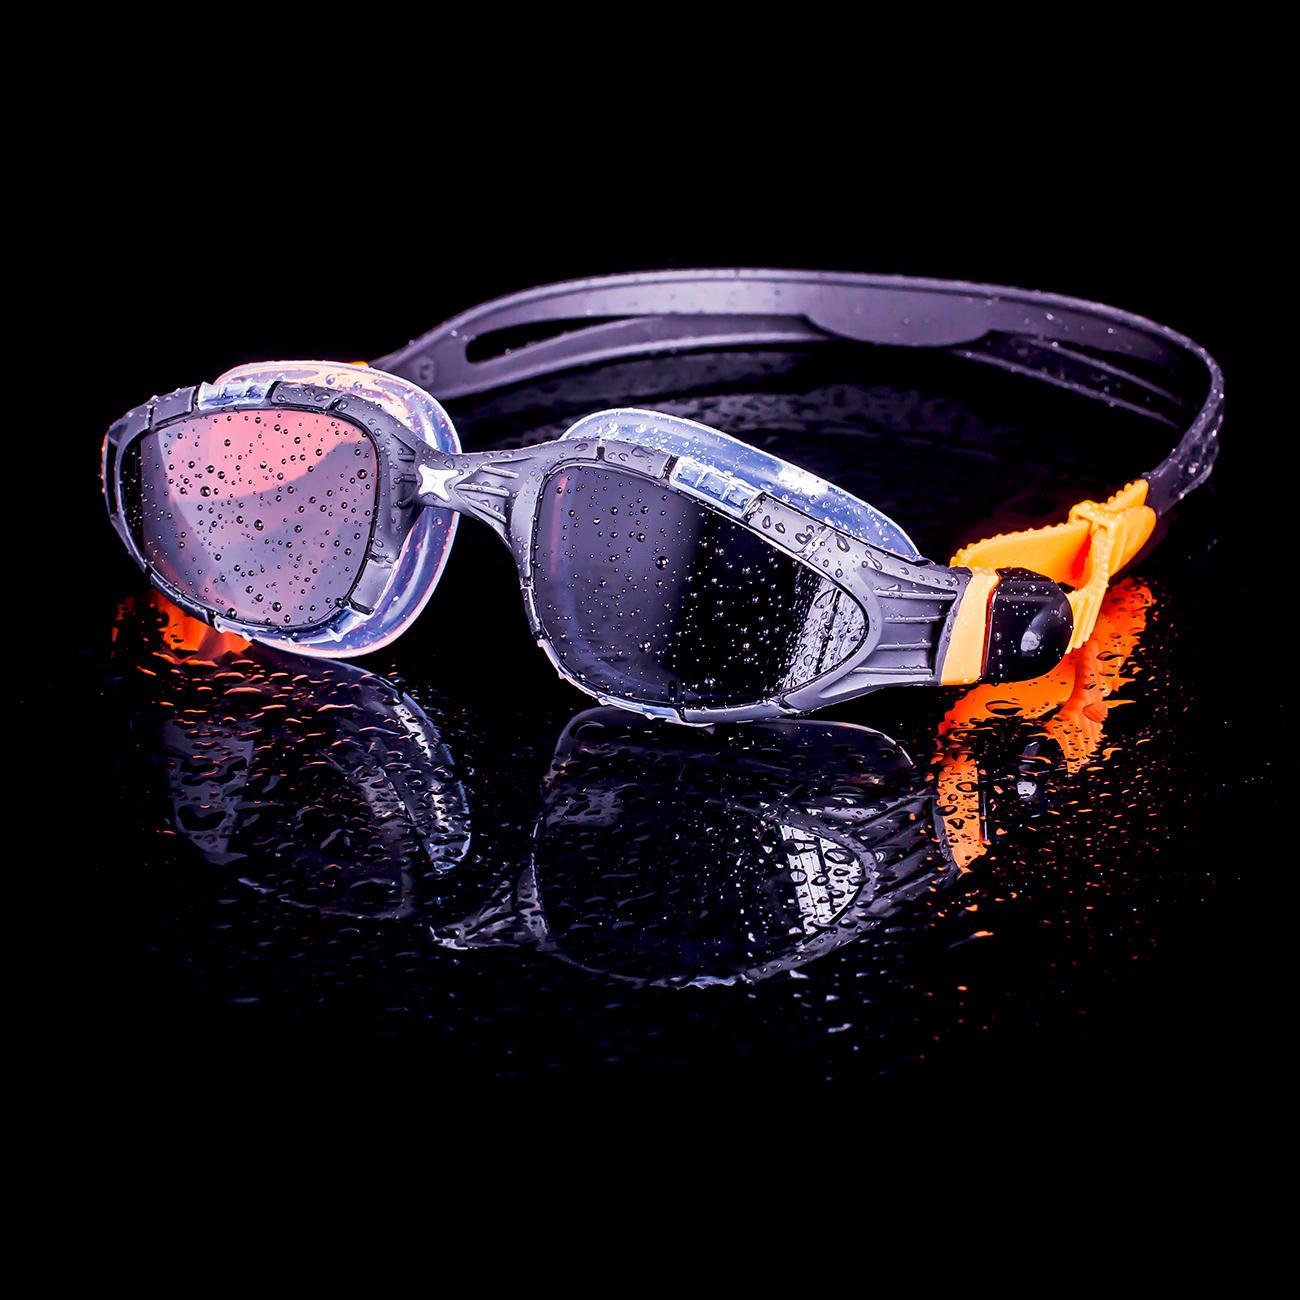 Zoggs Schwimmbrille AquaFlex™ Klare 180° Panorama-Sicht durch rahmenlose Gläser und optimierte Passform durch bewährte Flexpoint™-Technologie.